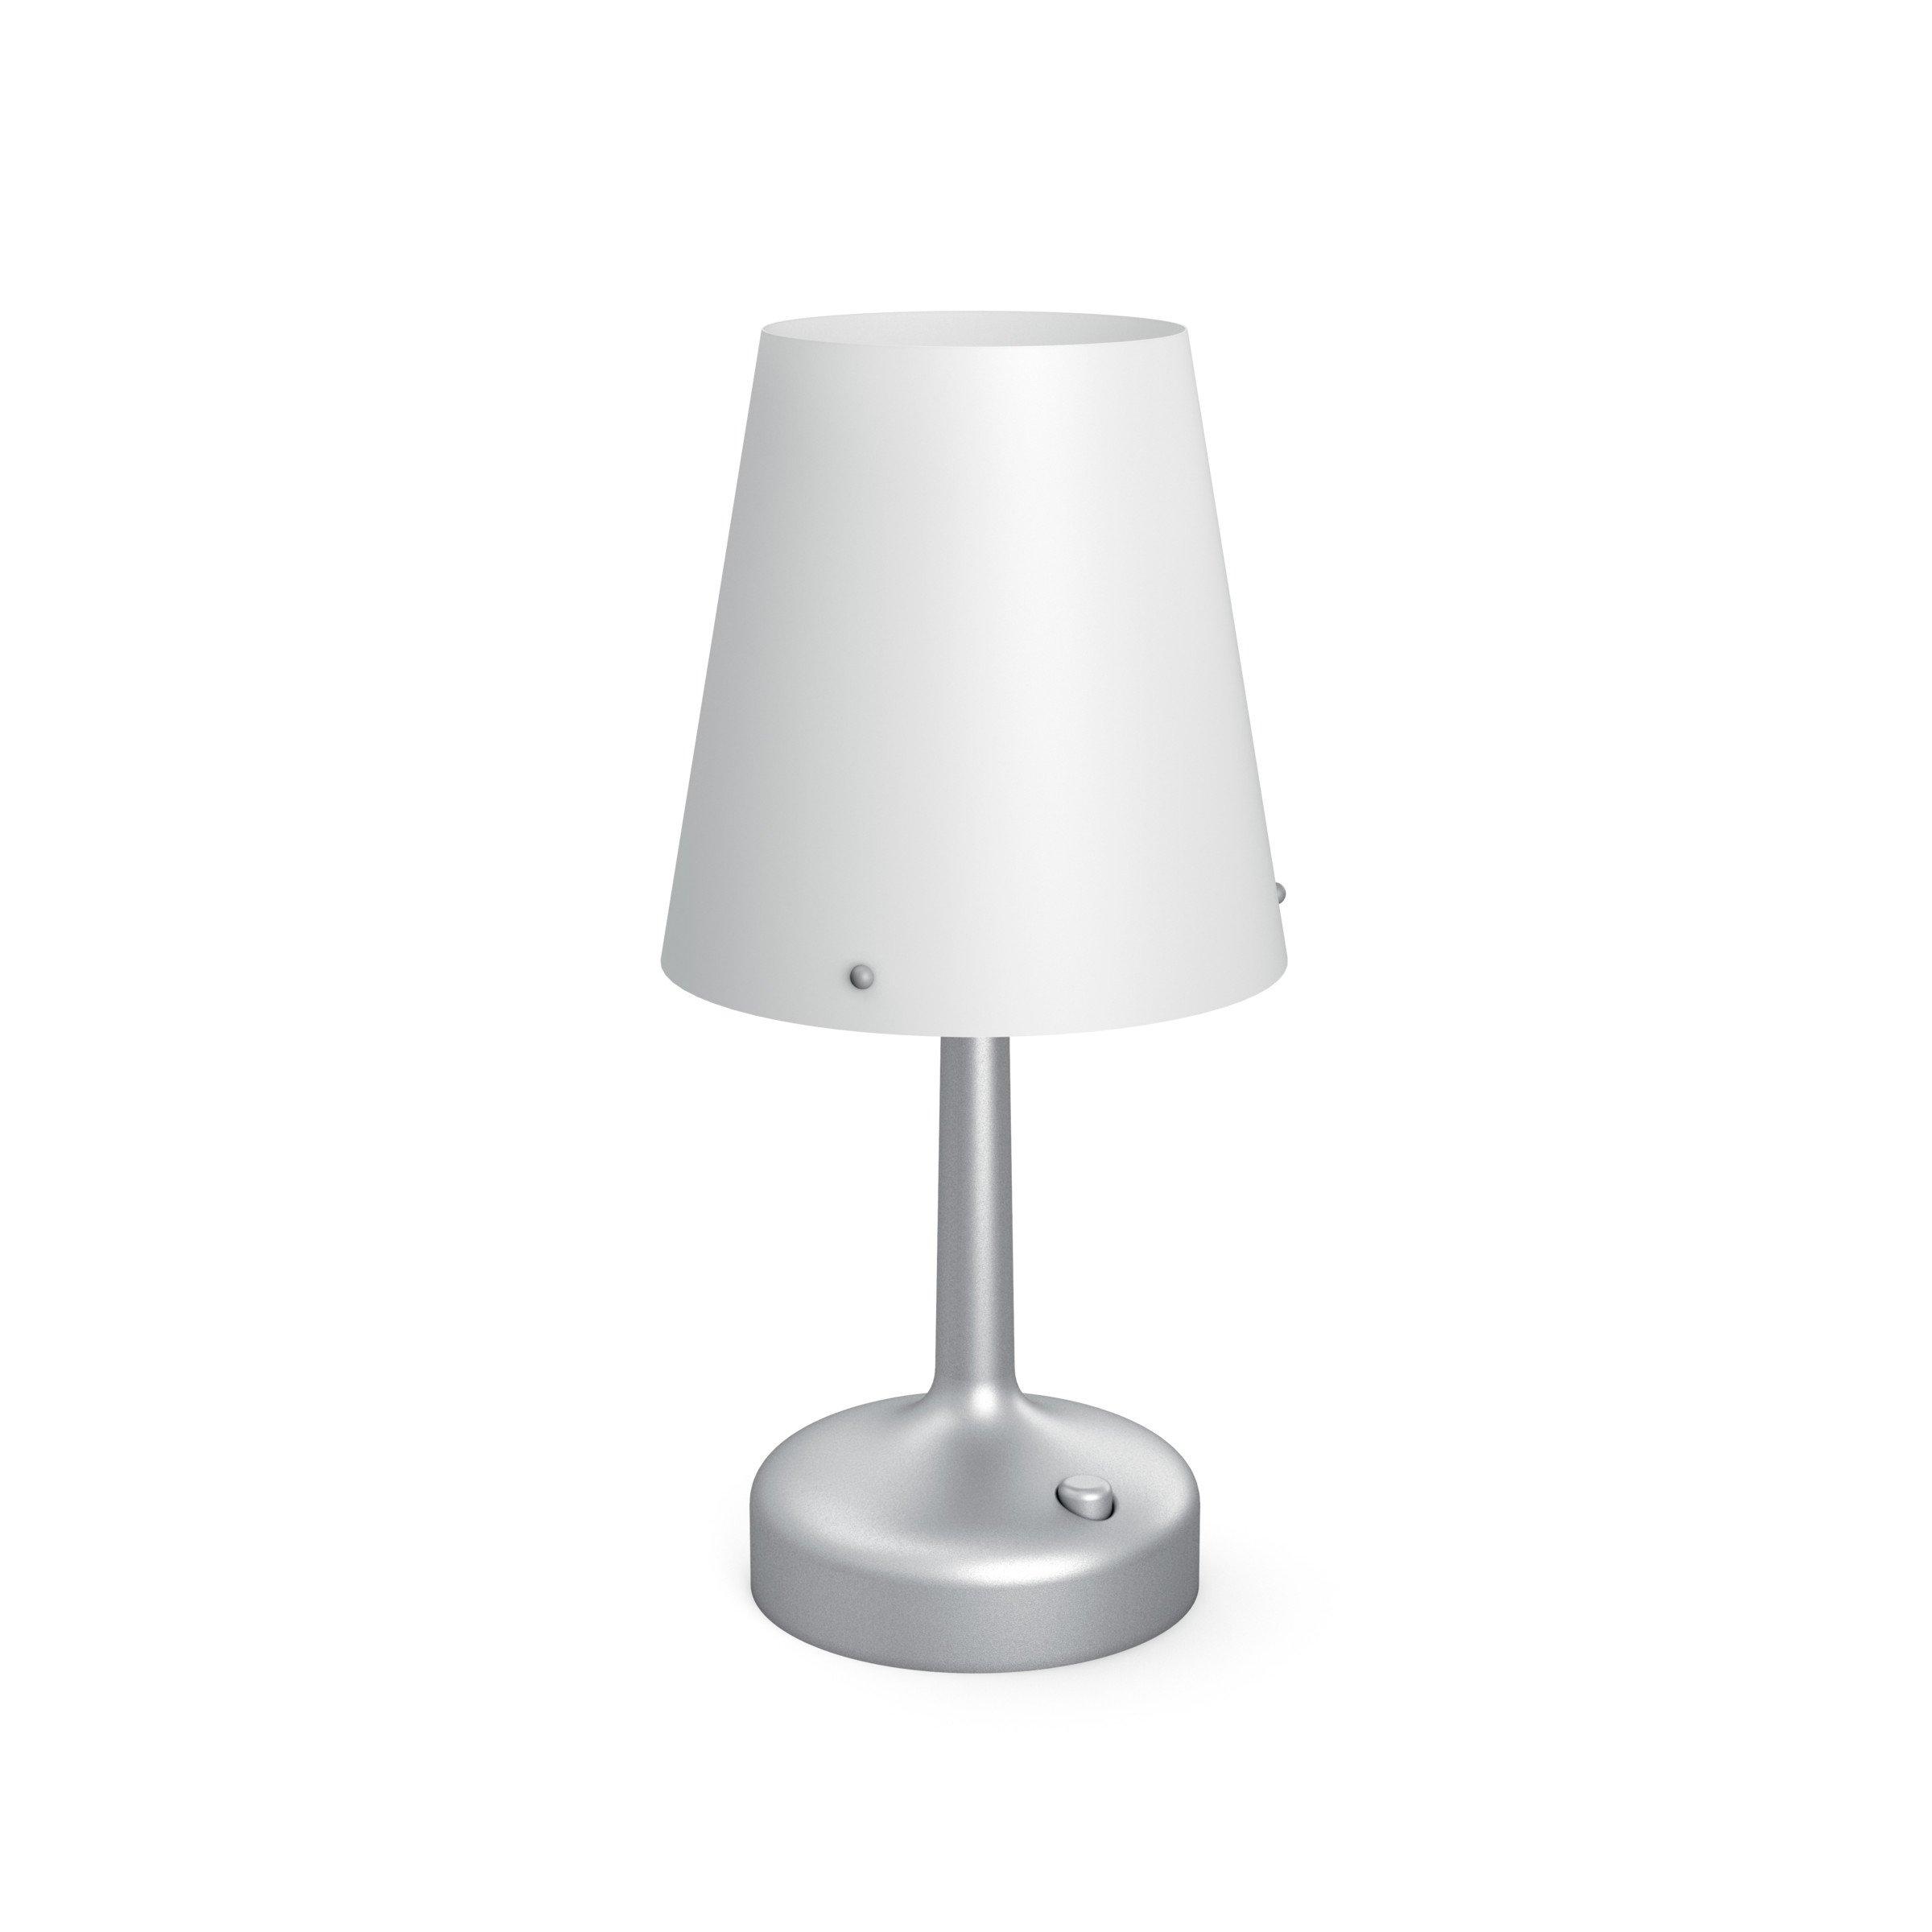 Philips 7179648P0 Lámpara de mesa, IP20, nivel de